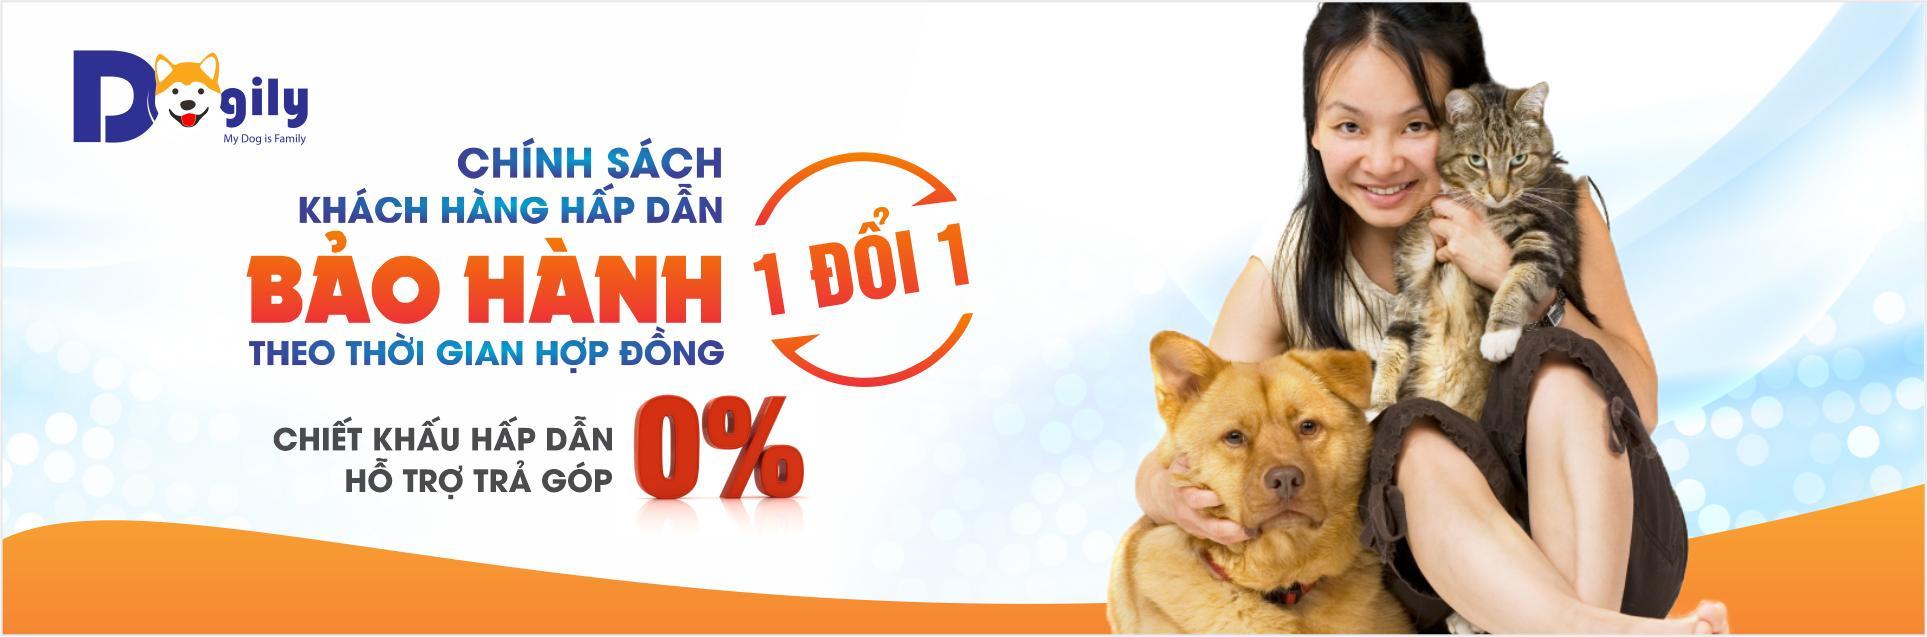 Tại Dogily Petshop, chúng tôi bảo hành sức khỏe 1 đổi 1 trong thời gian hợp đồng và hỗ trợ trả góp lãi suất 0 %, cùng chiết khấu giảm giá và nhiều chương trình khuyến mại hấp dẫn khi mua chó Shiba Inu tại hệ thống các cửa hàng ở Tphcm và Hà nội.